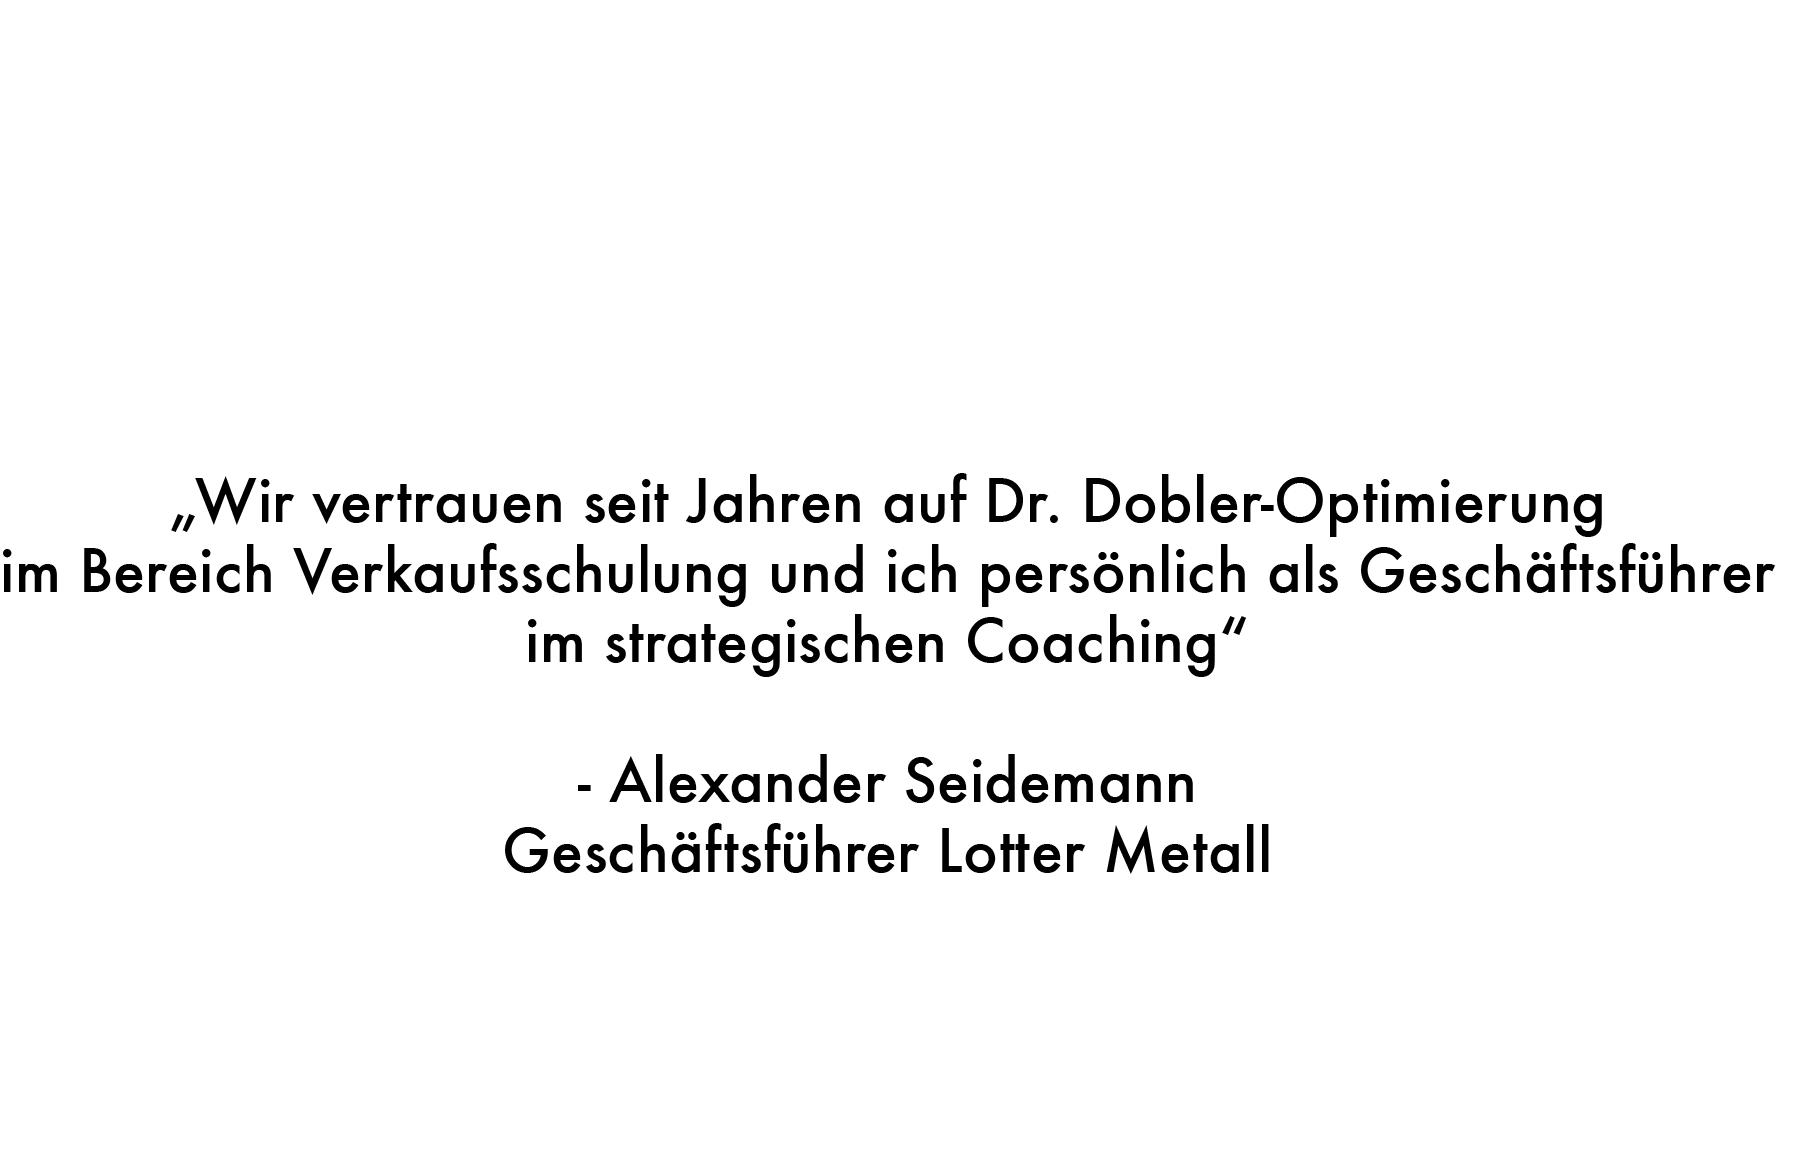 Webseite_Referenzen_AlexanderSeidemann.png